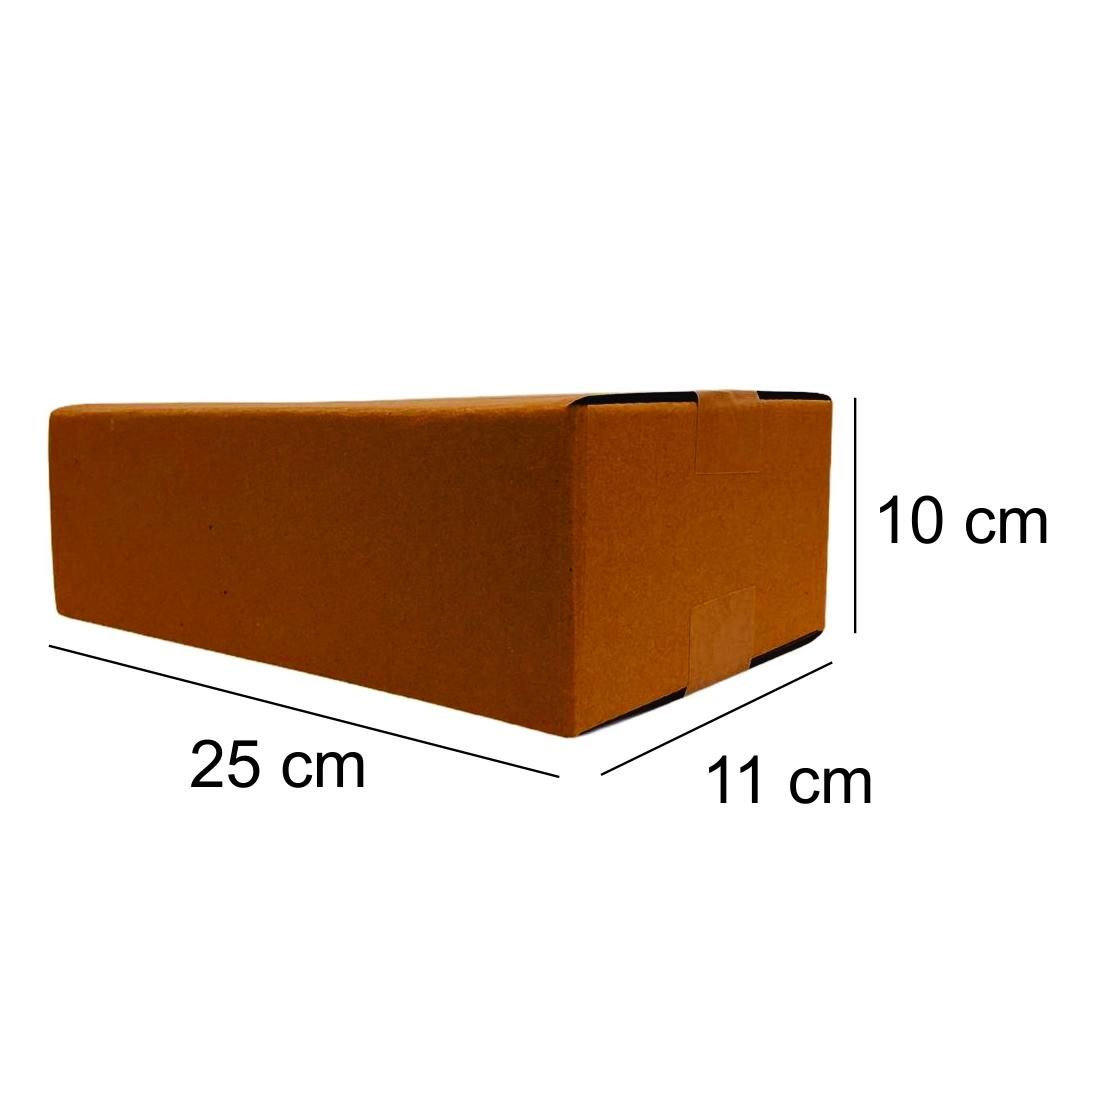 10 Caixas de Papelao (25X11X10)cm - Sedex / Pac / Correios